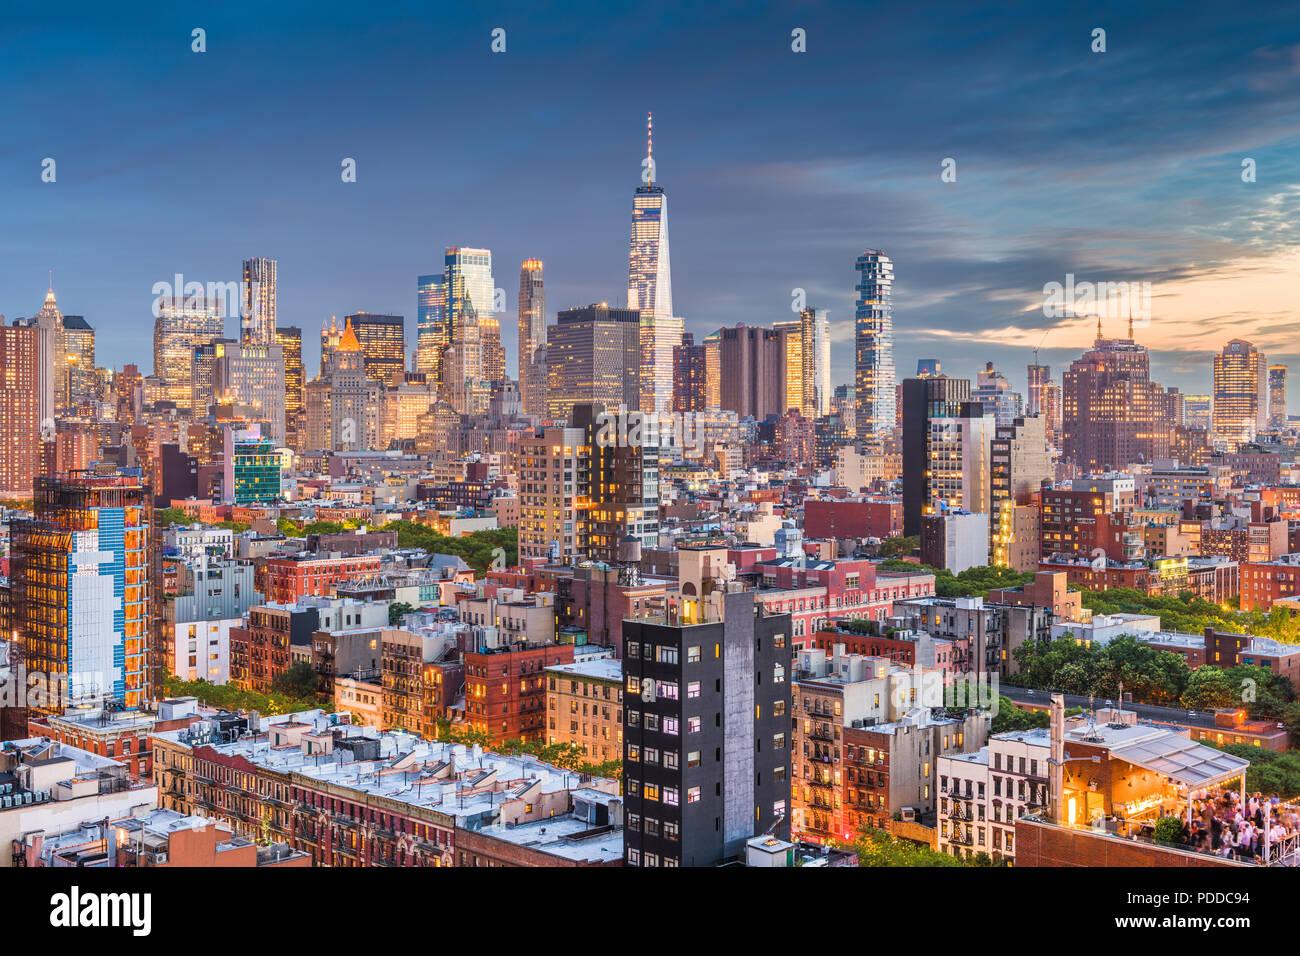 Nueva York, Nueva York, EE.UU., el distrito financiero horizonte desde el Lower East Side al anochecer. Imagen De Stock